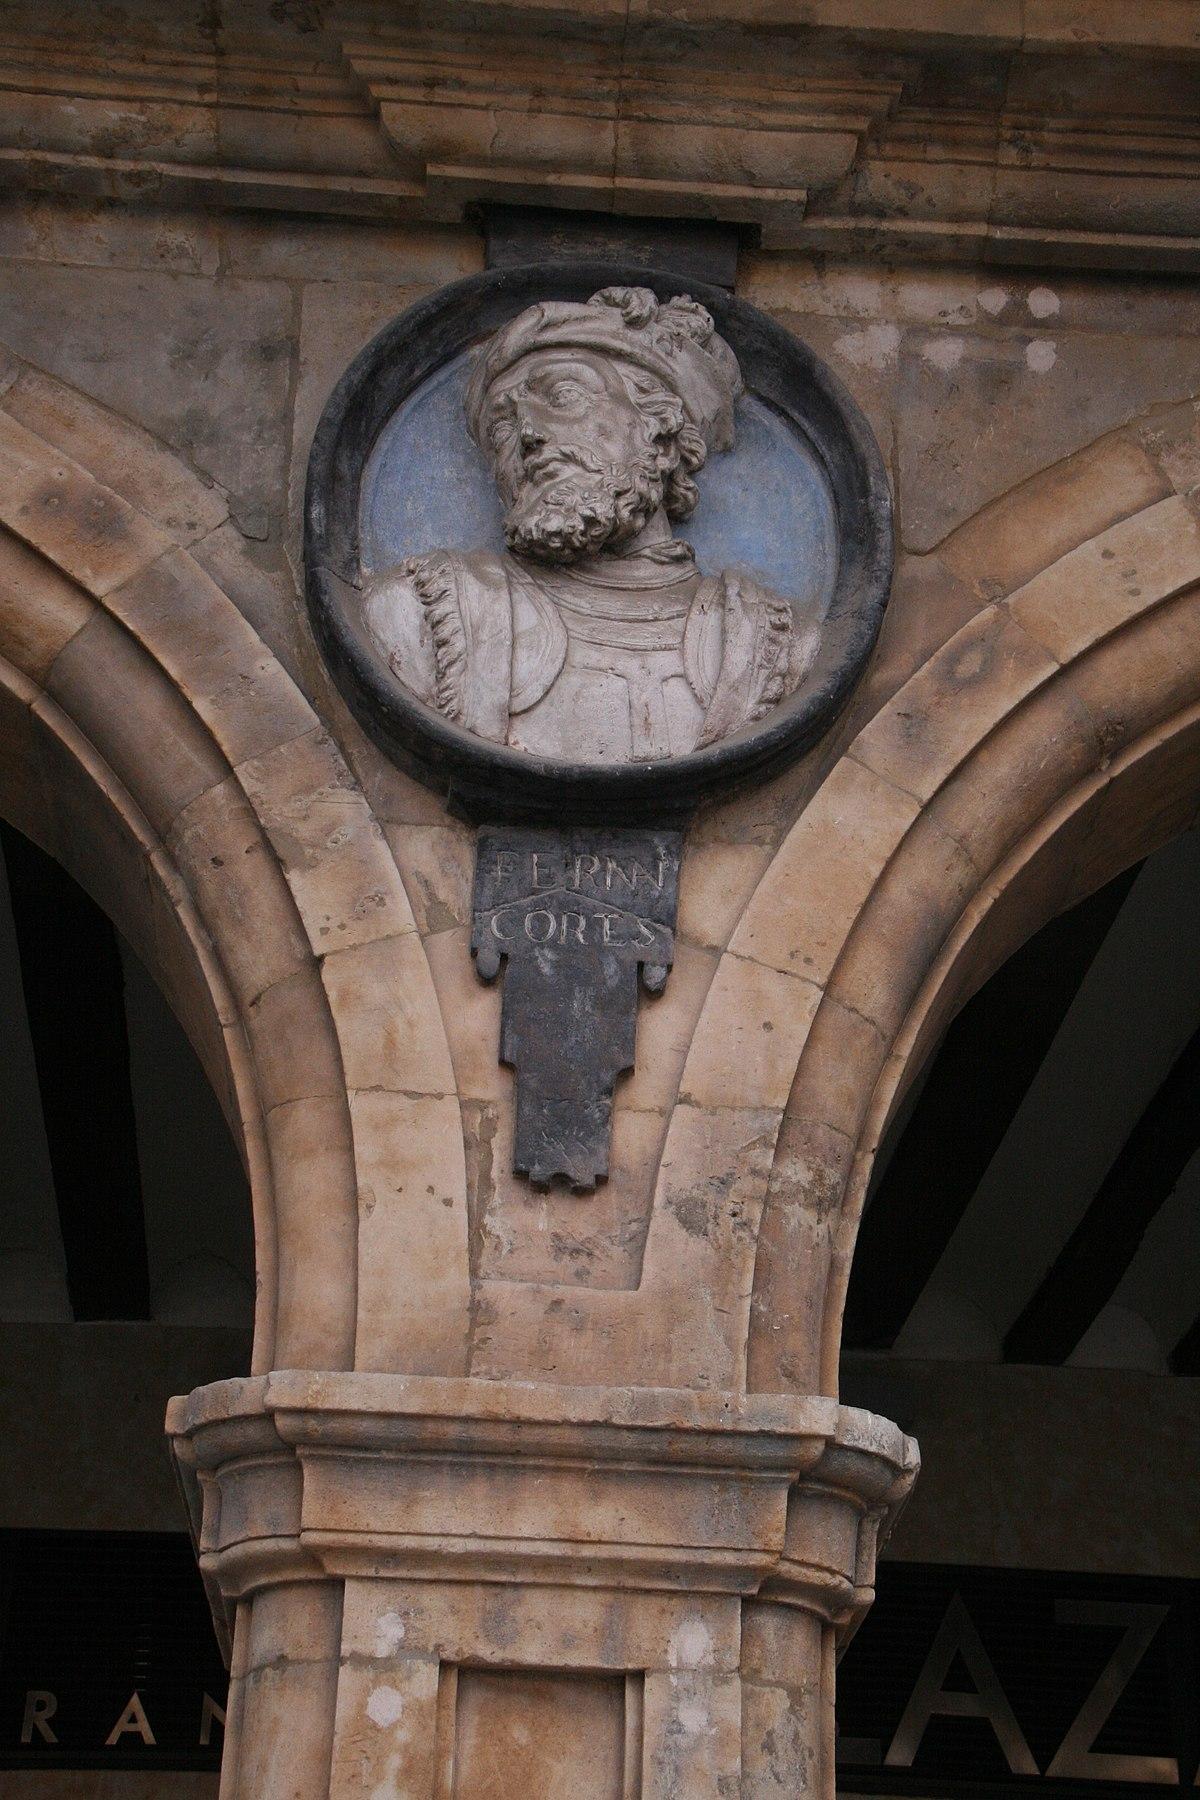 Hernán Cortés-Plaza Mayor de Salamanca.jpg